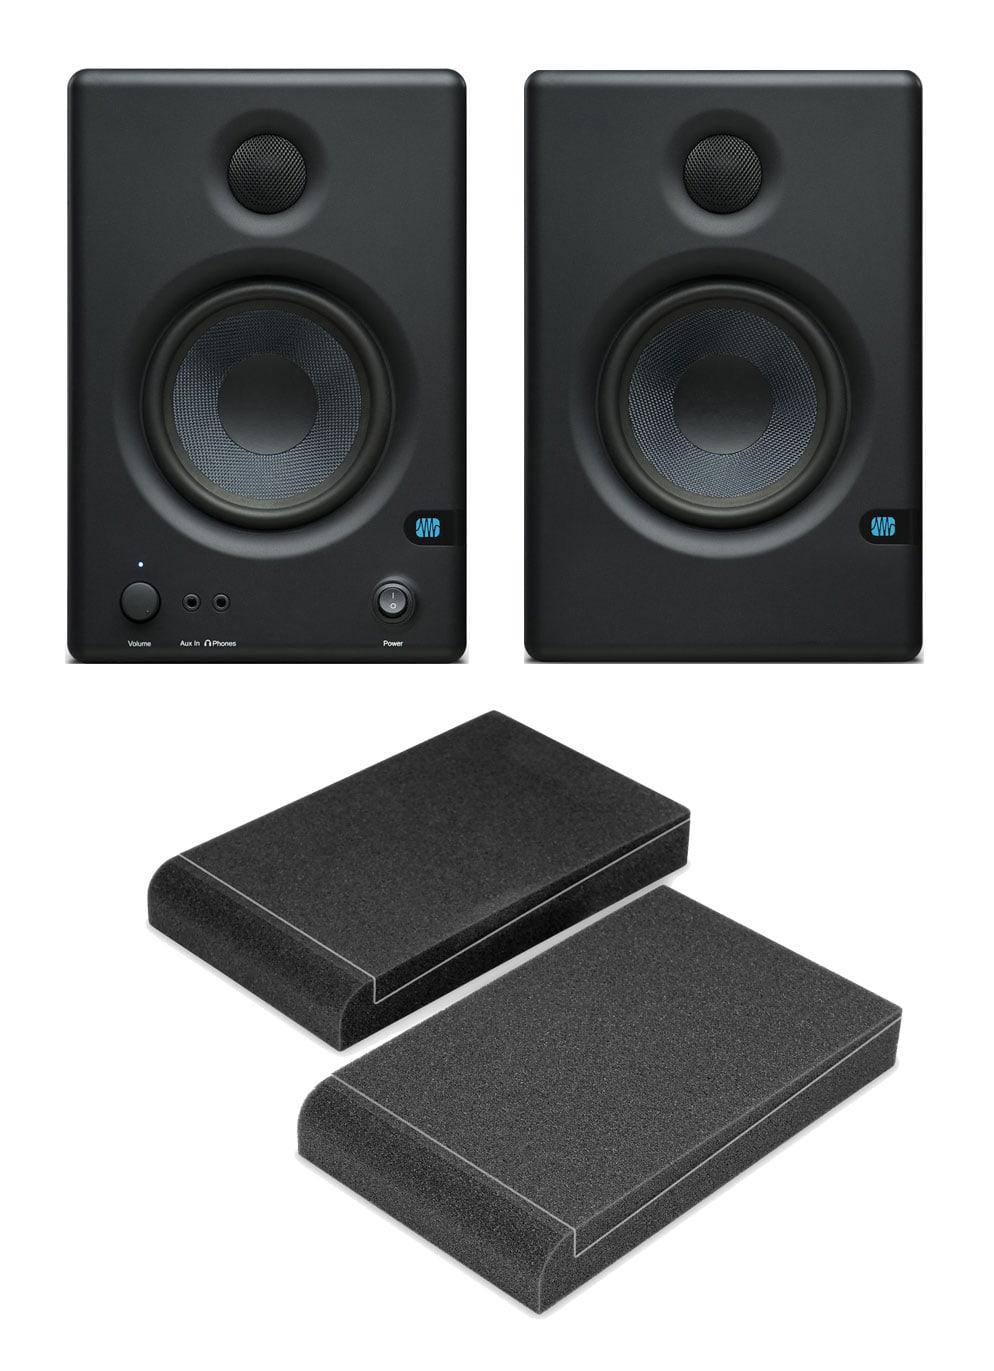 PreSonus Eris E4.5 Aktive Studiomonitor Paar inkl. Absorberplatten